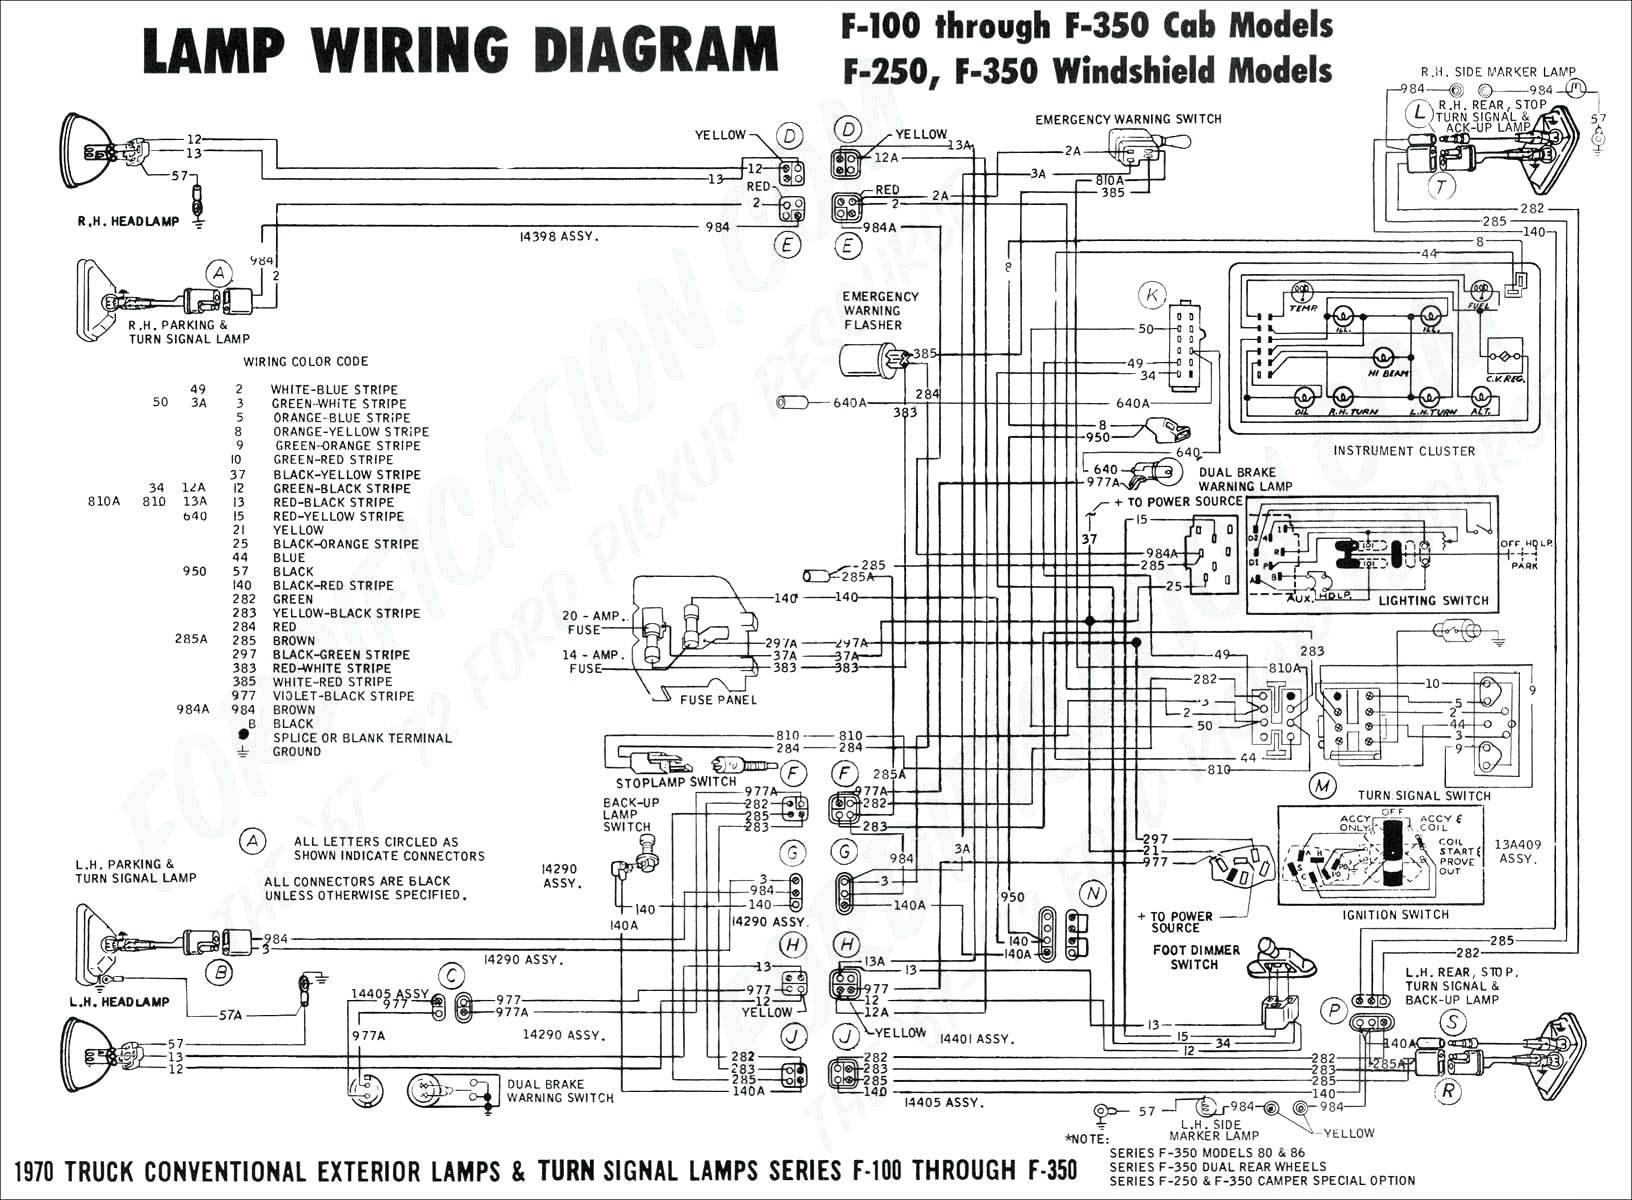 1999 Chevy Silverado Trailer Wiring Diagram